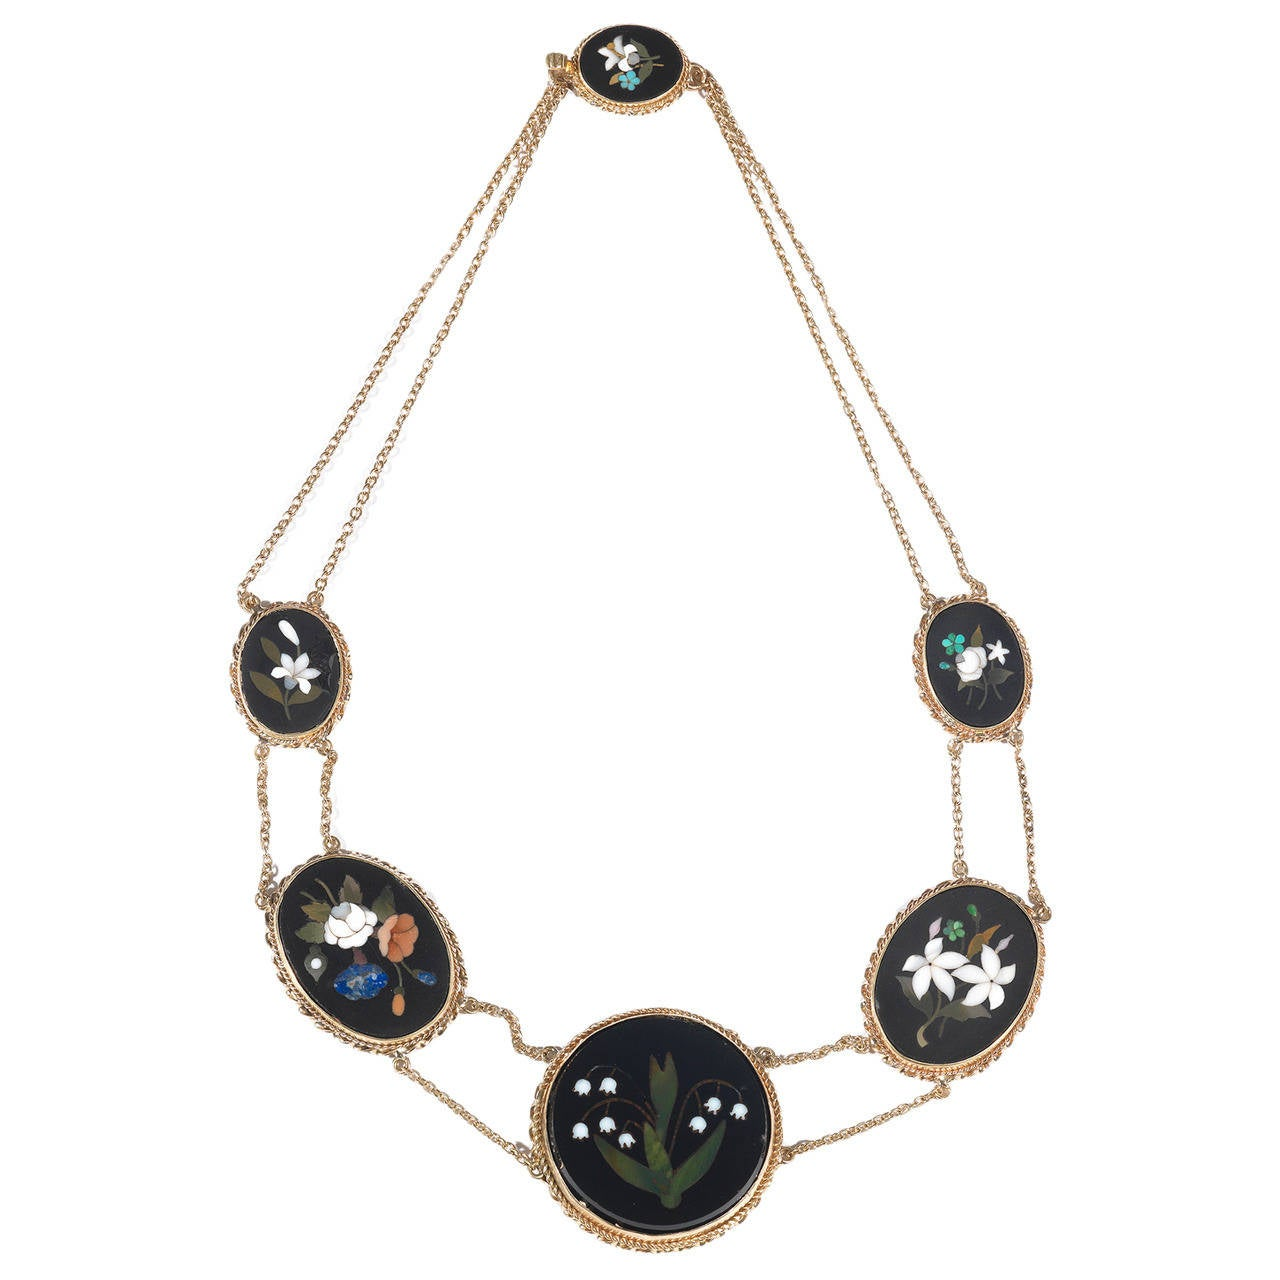 Antique Pietra Dura Flower Necklace